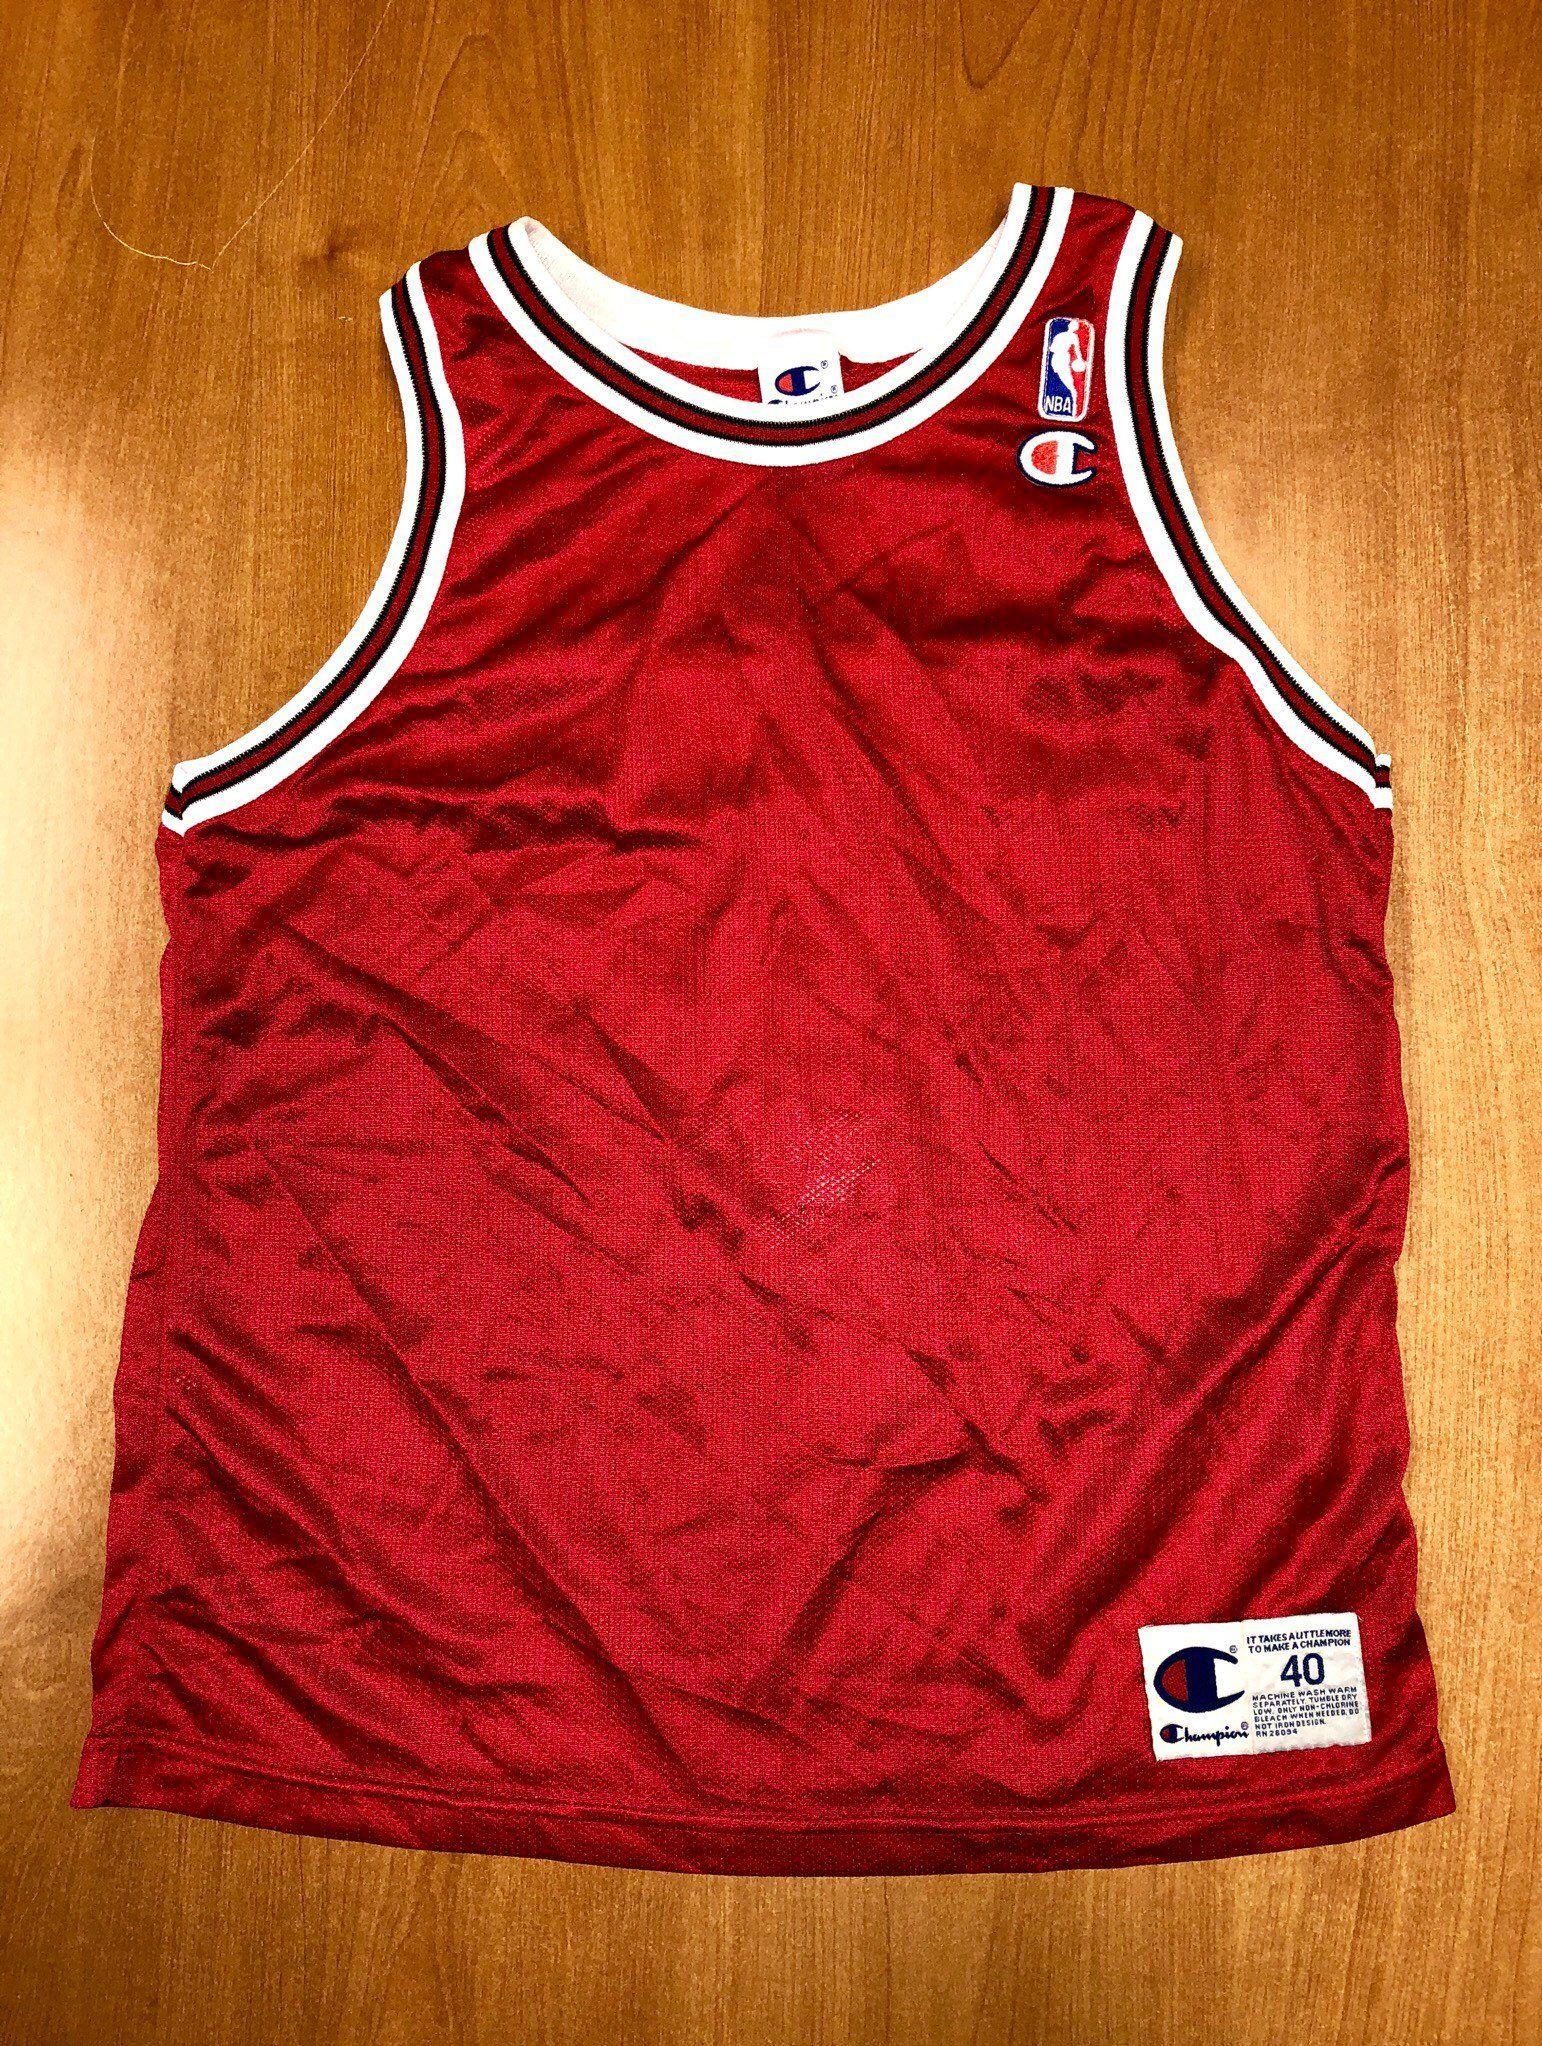 d87acef9110f Vintage 1995 - 1998 Chicago Bulls Blank Champion Jersey Size 40 nba finals  hat shirt scottie pippen authentic michael jordan elton brand by ...